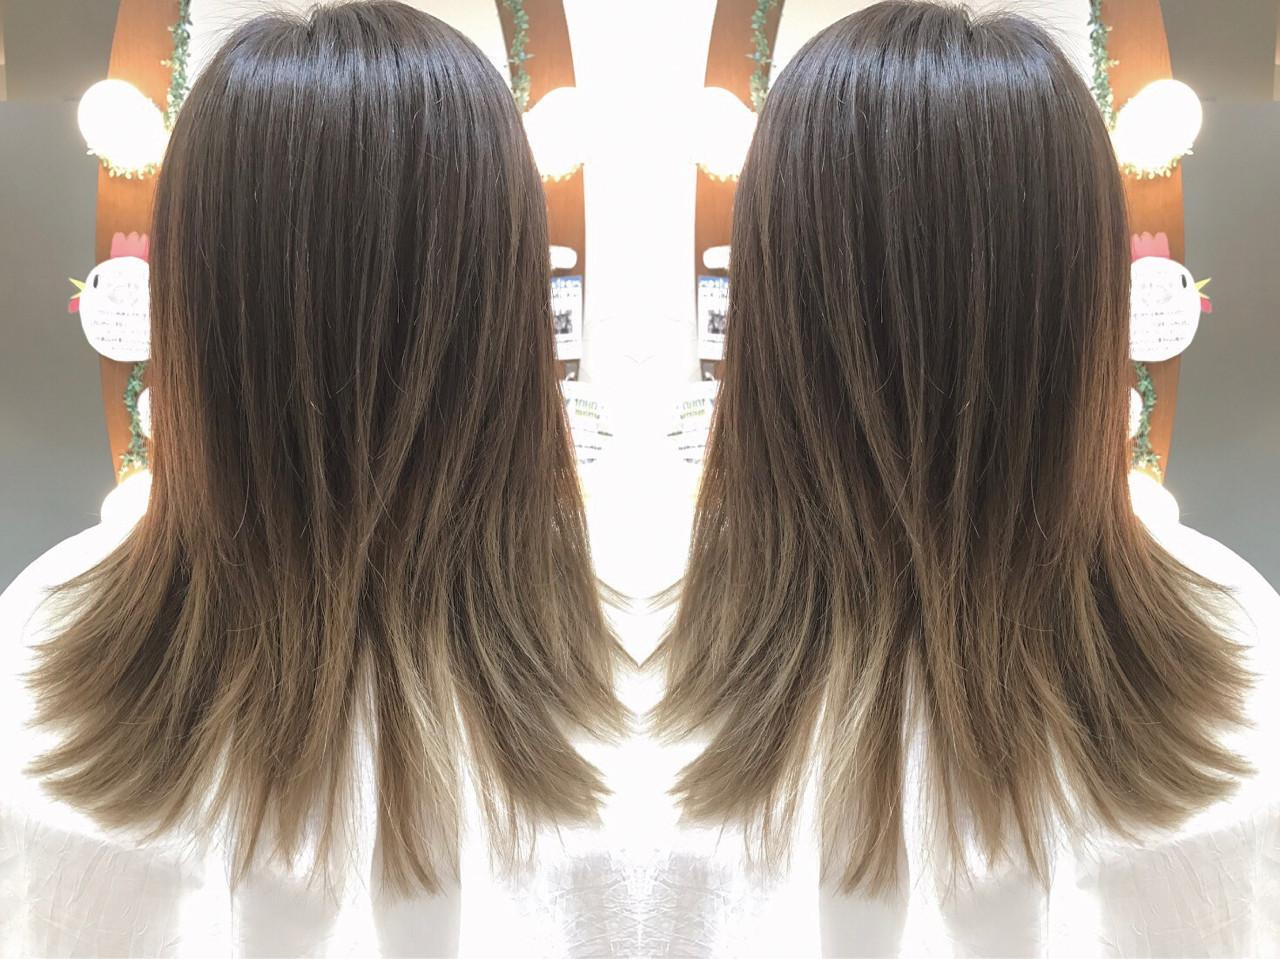 大人かわいい アッシュ ナチュラル 外国人風カラー ヘアスタイルや髪型の写真・画像 | Sano Kazunao / VISAGE klar